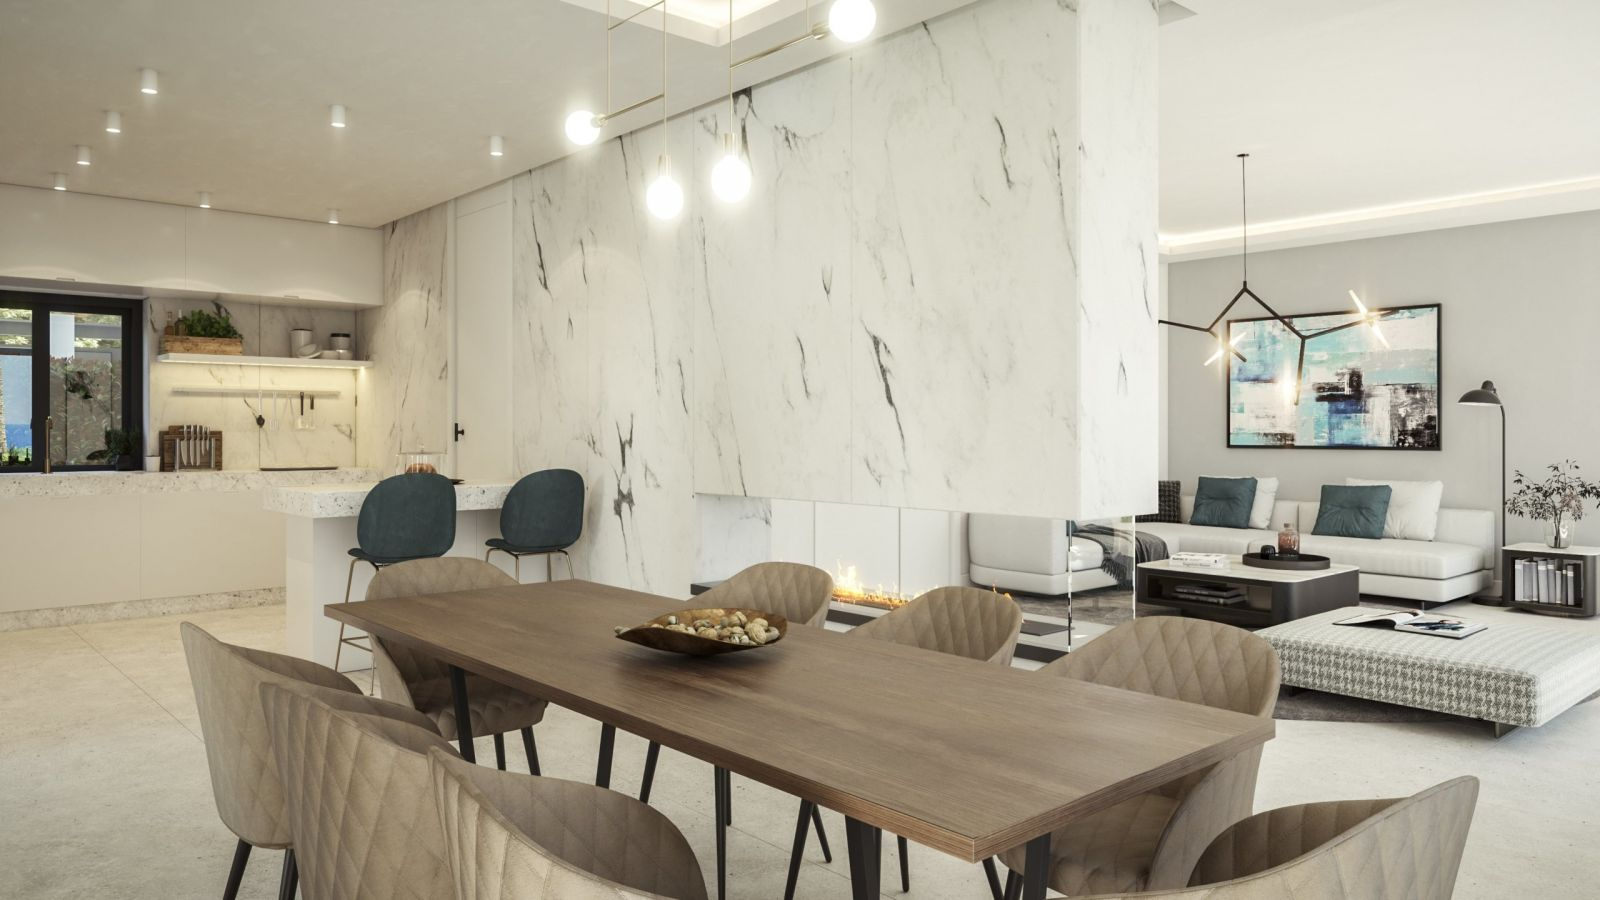 New Build Villas For Sale - Marbella - Your Move Spain